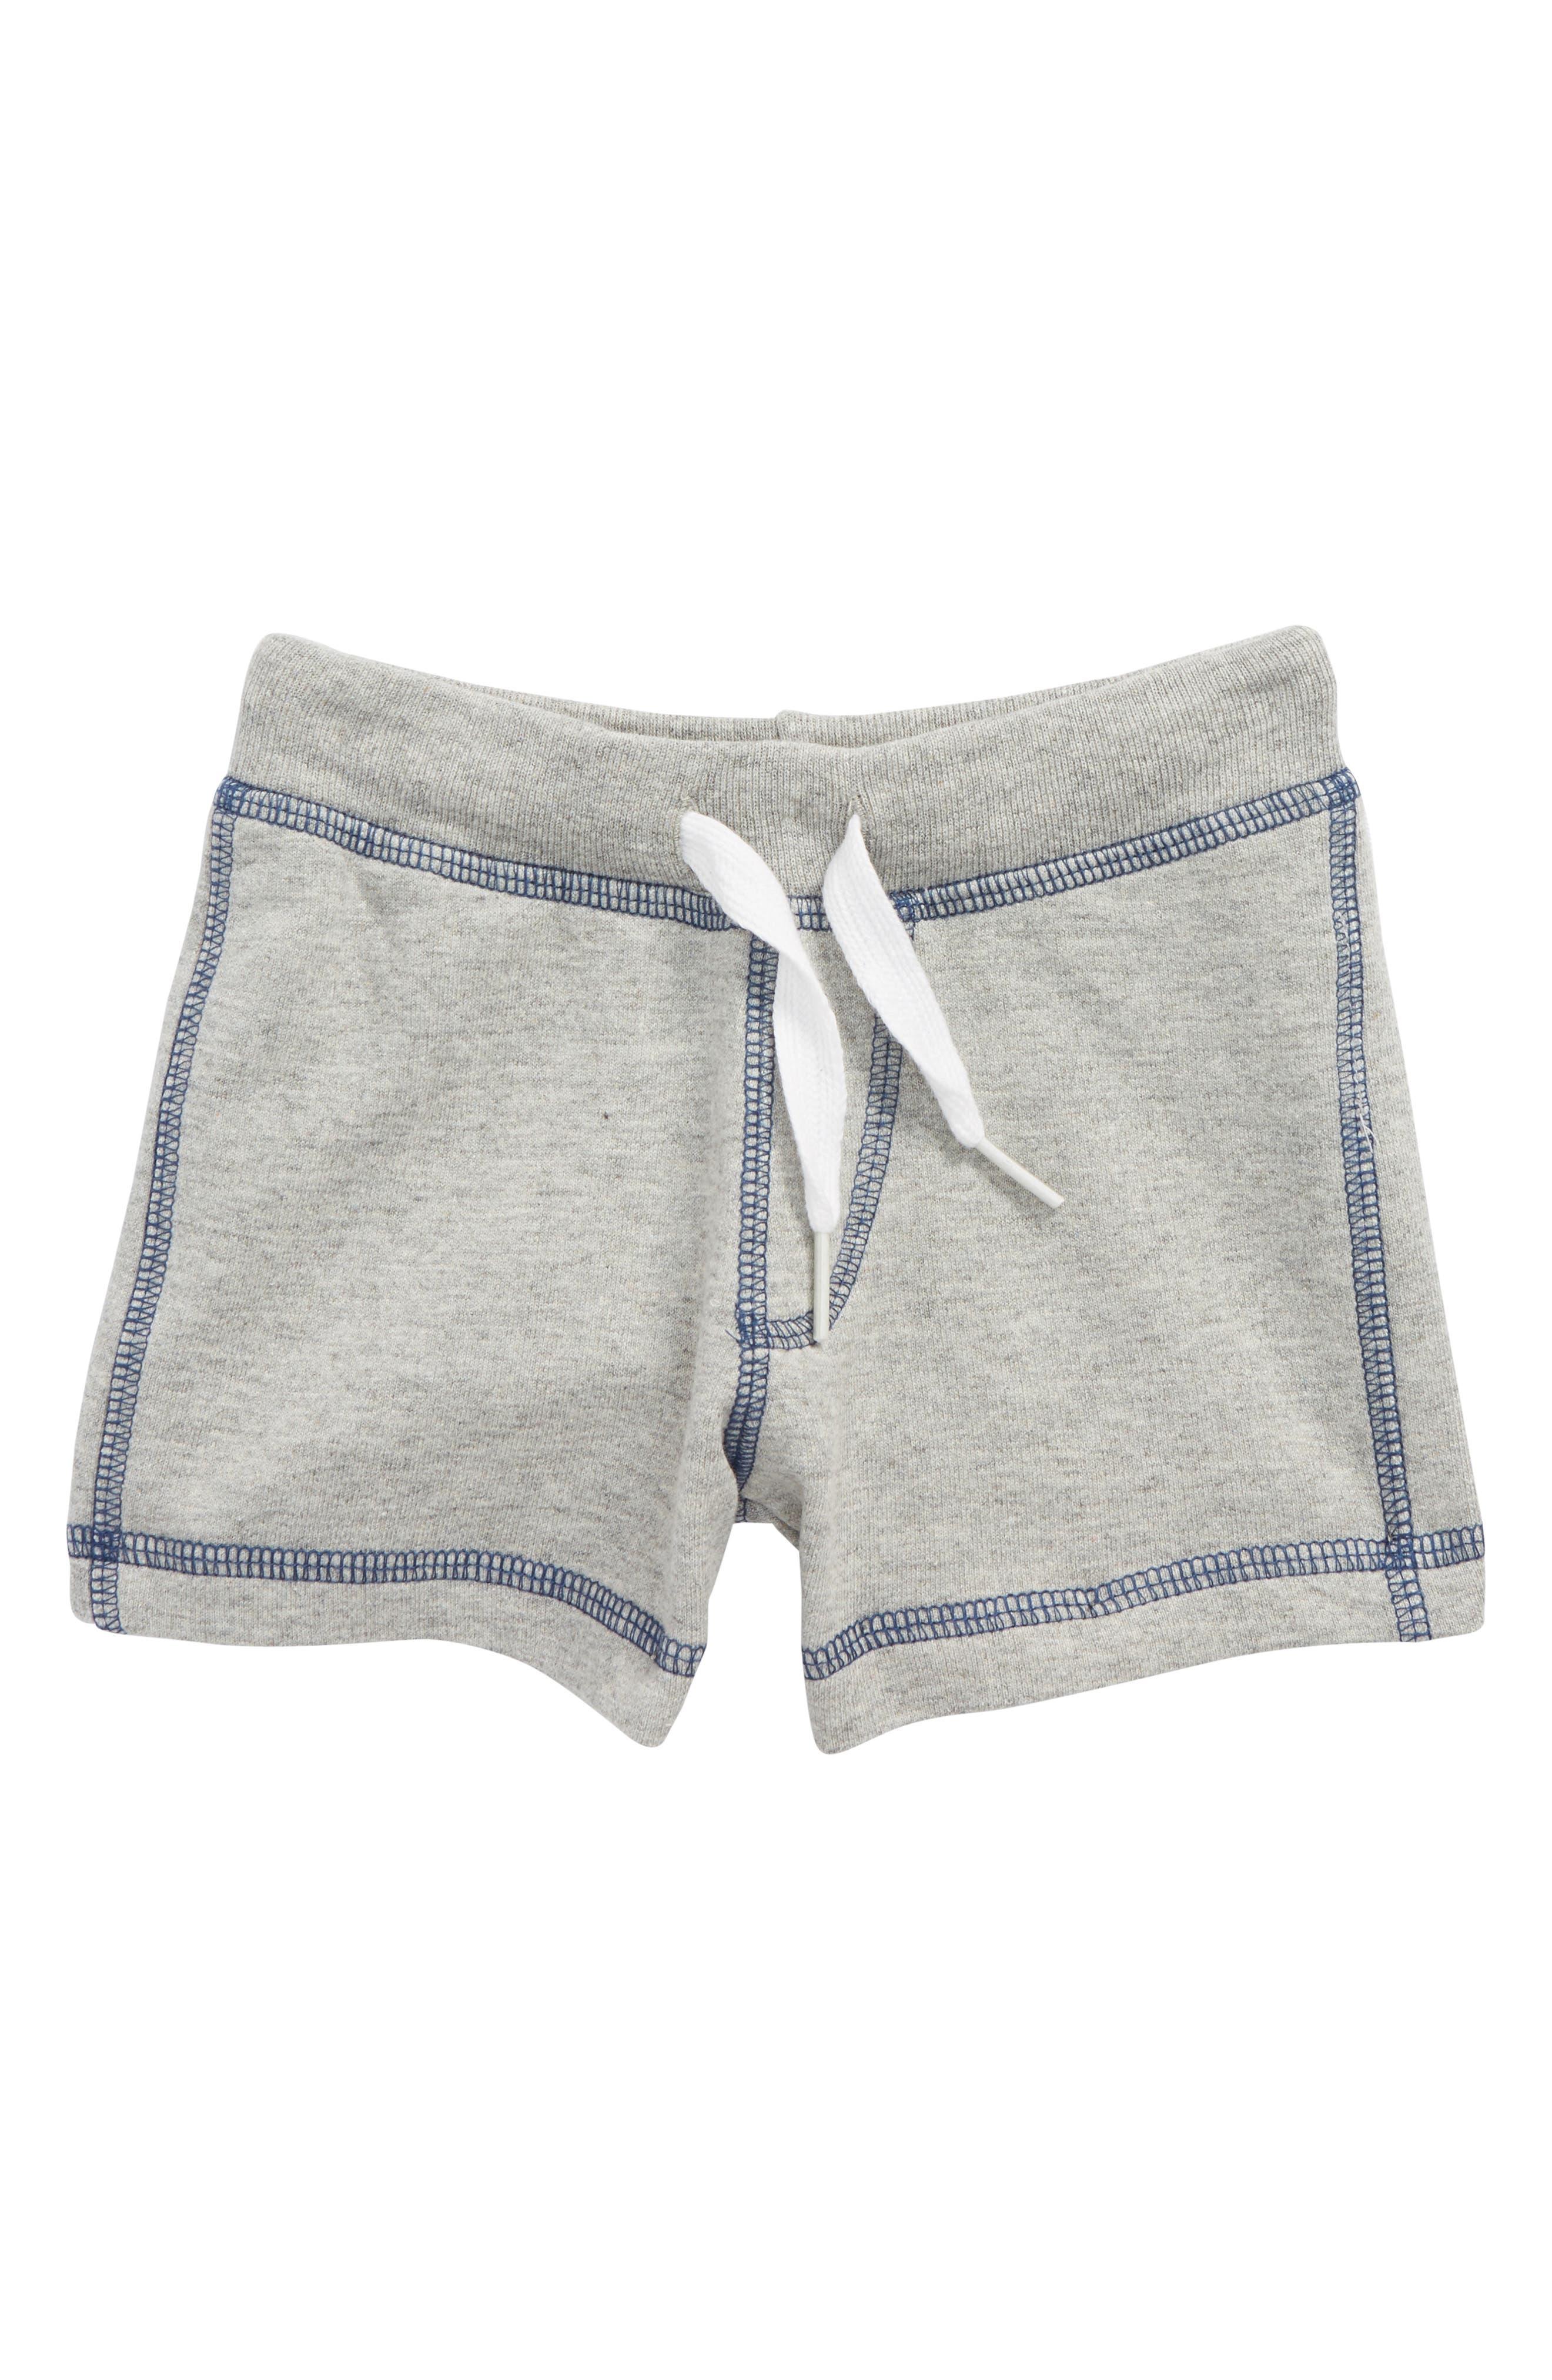 Pull-On Shorts,                             Main thumbnail 1, color,